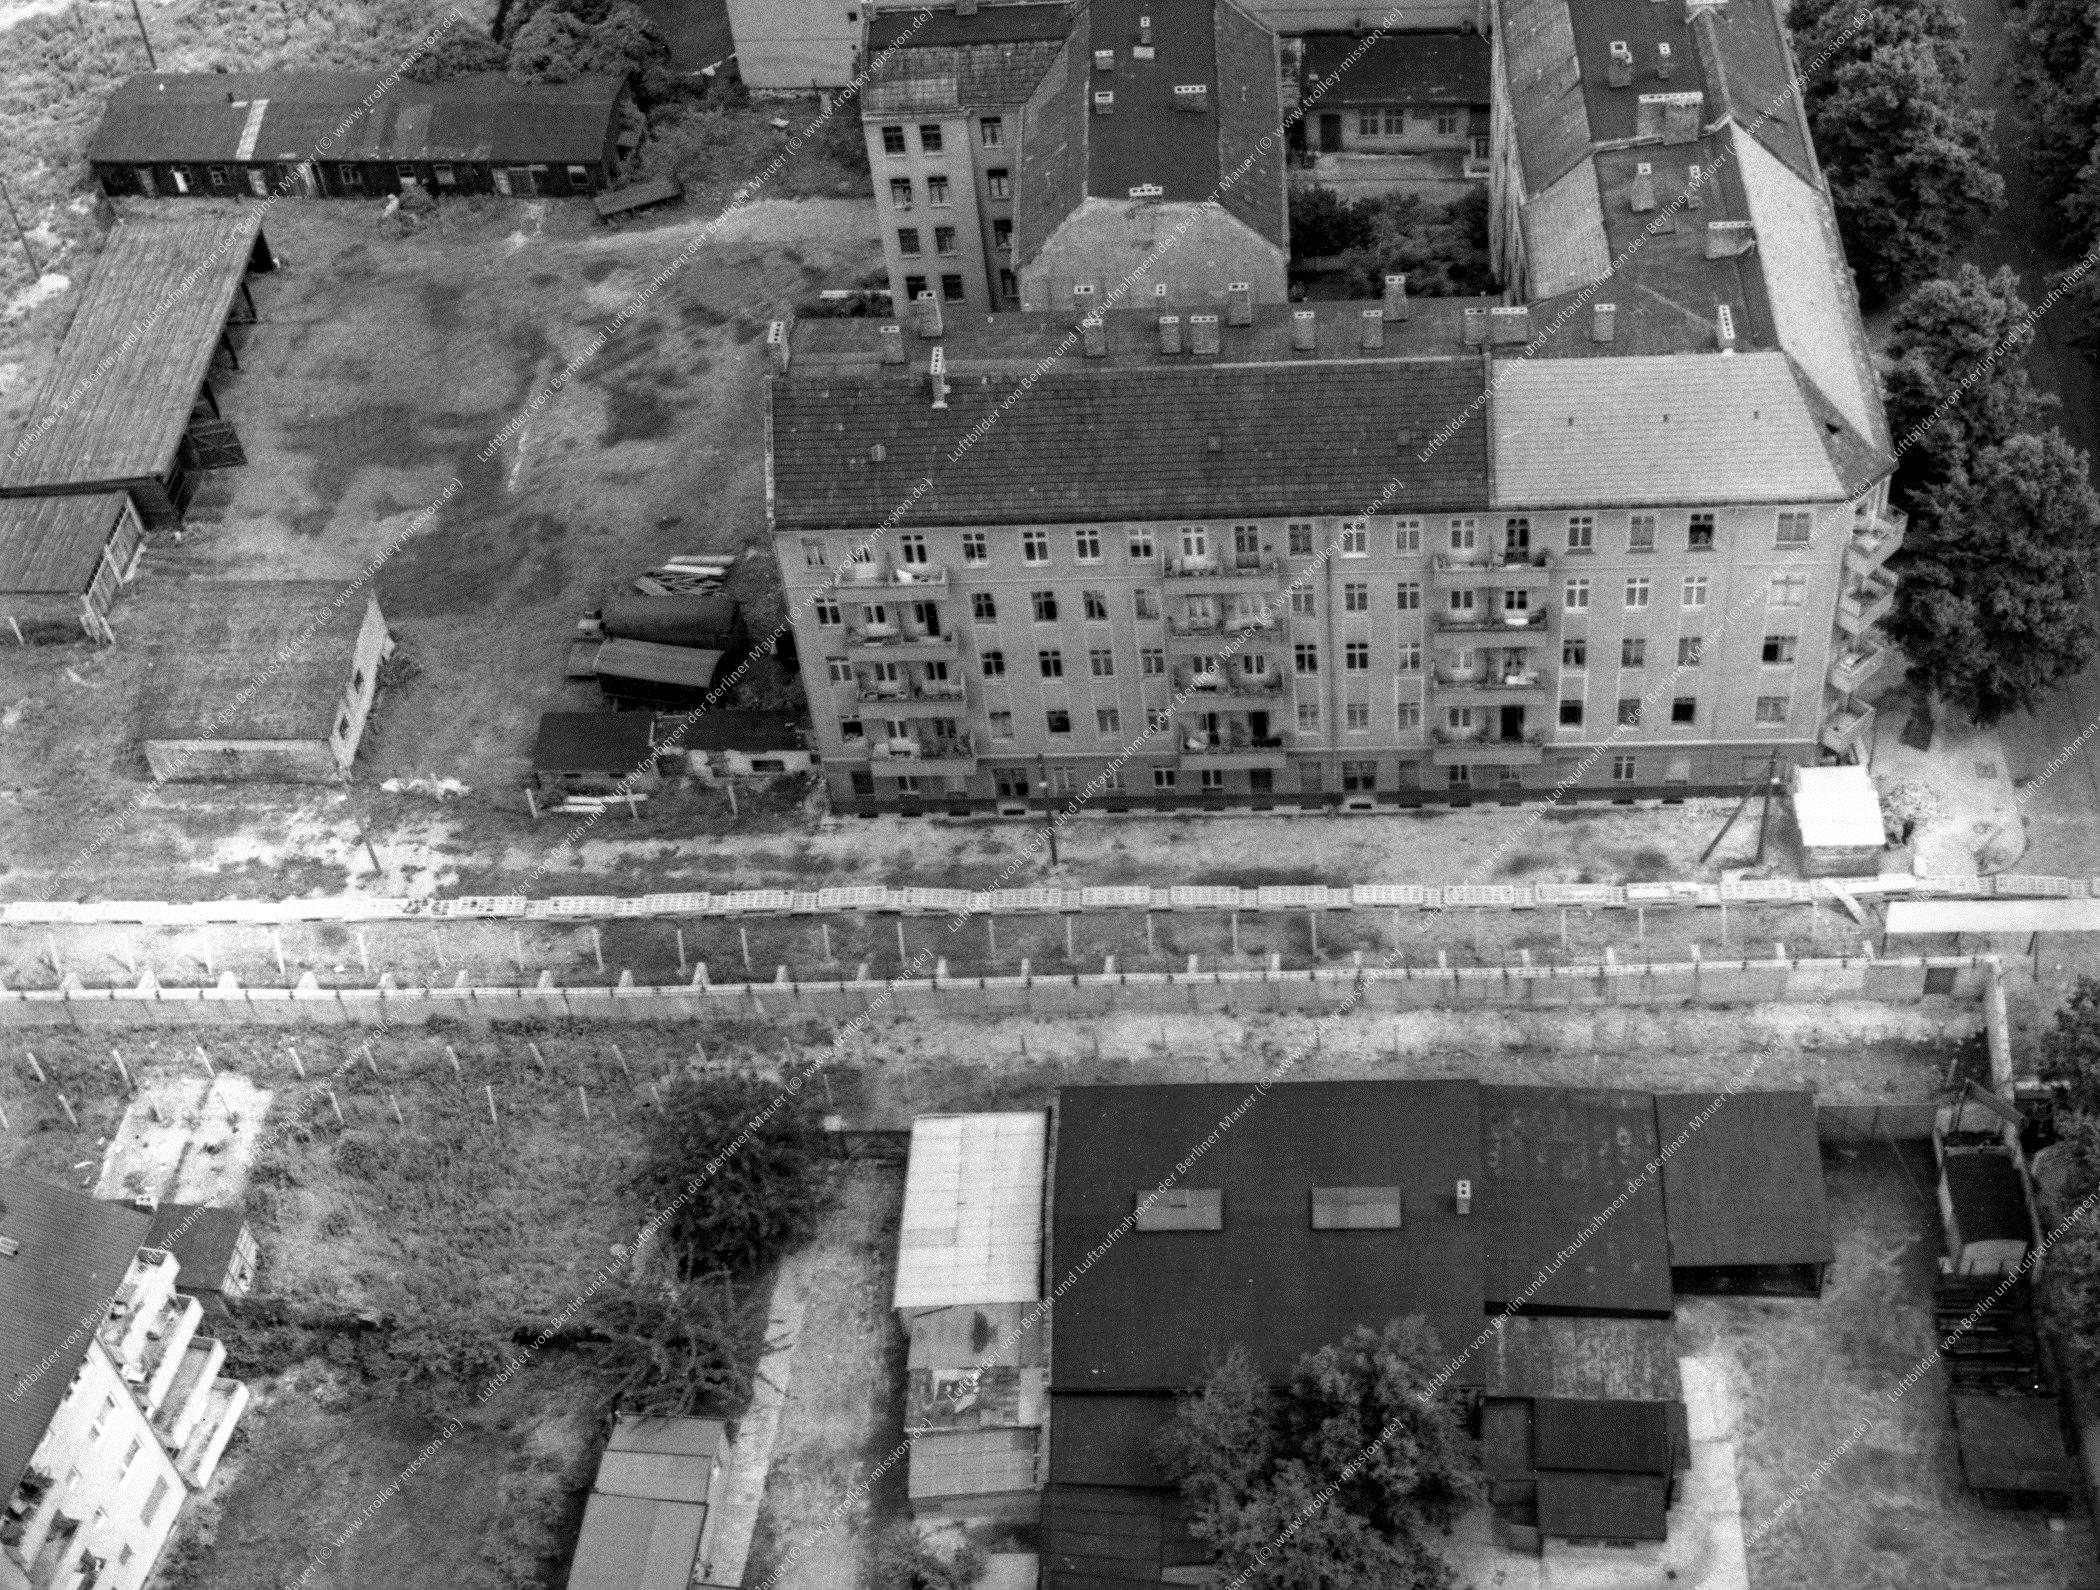 Luftbild der Heidelberger Straße und Elsenstraße zwischen Neukölln und Treptow in Berlin (Bild 023)